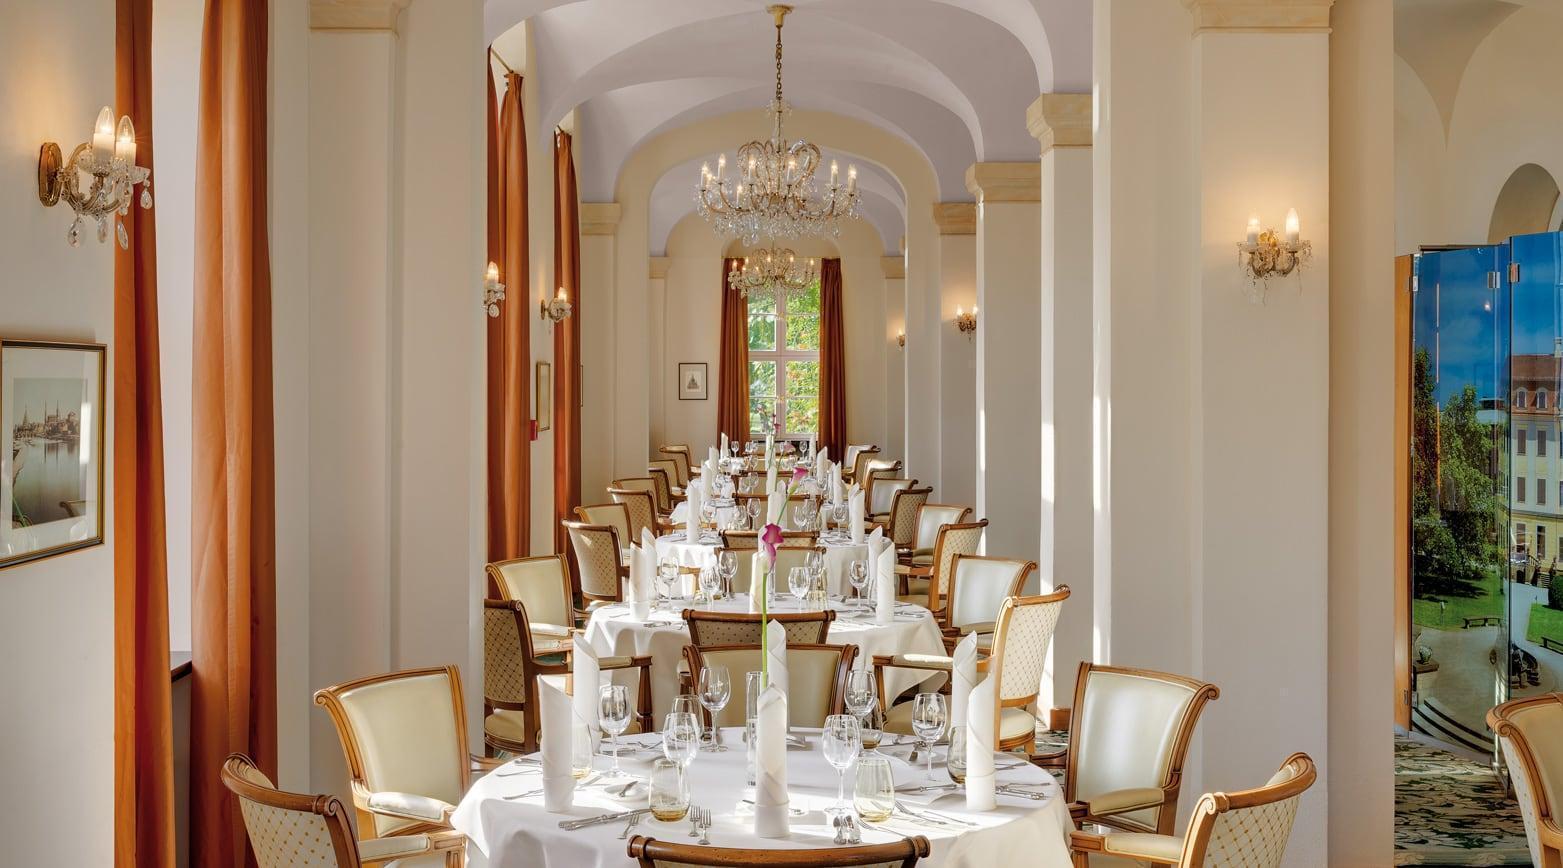 The Westin Bellevue Dresden - Restaurant Canaletto